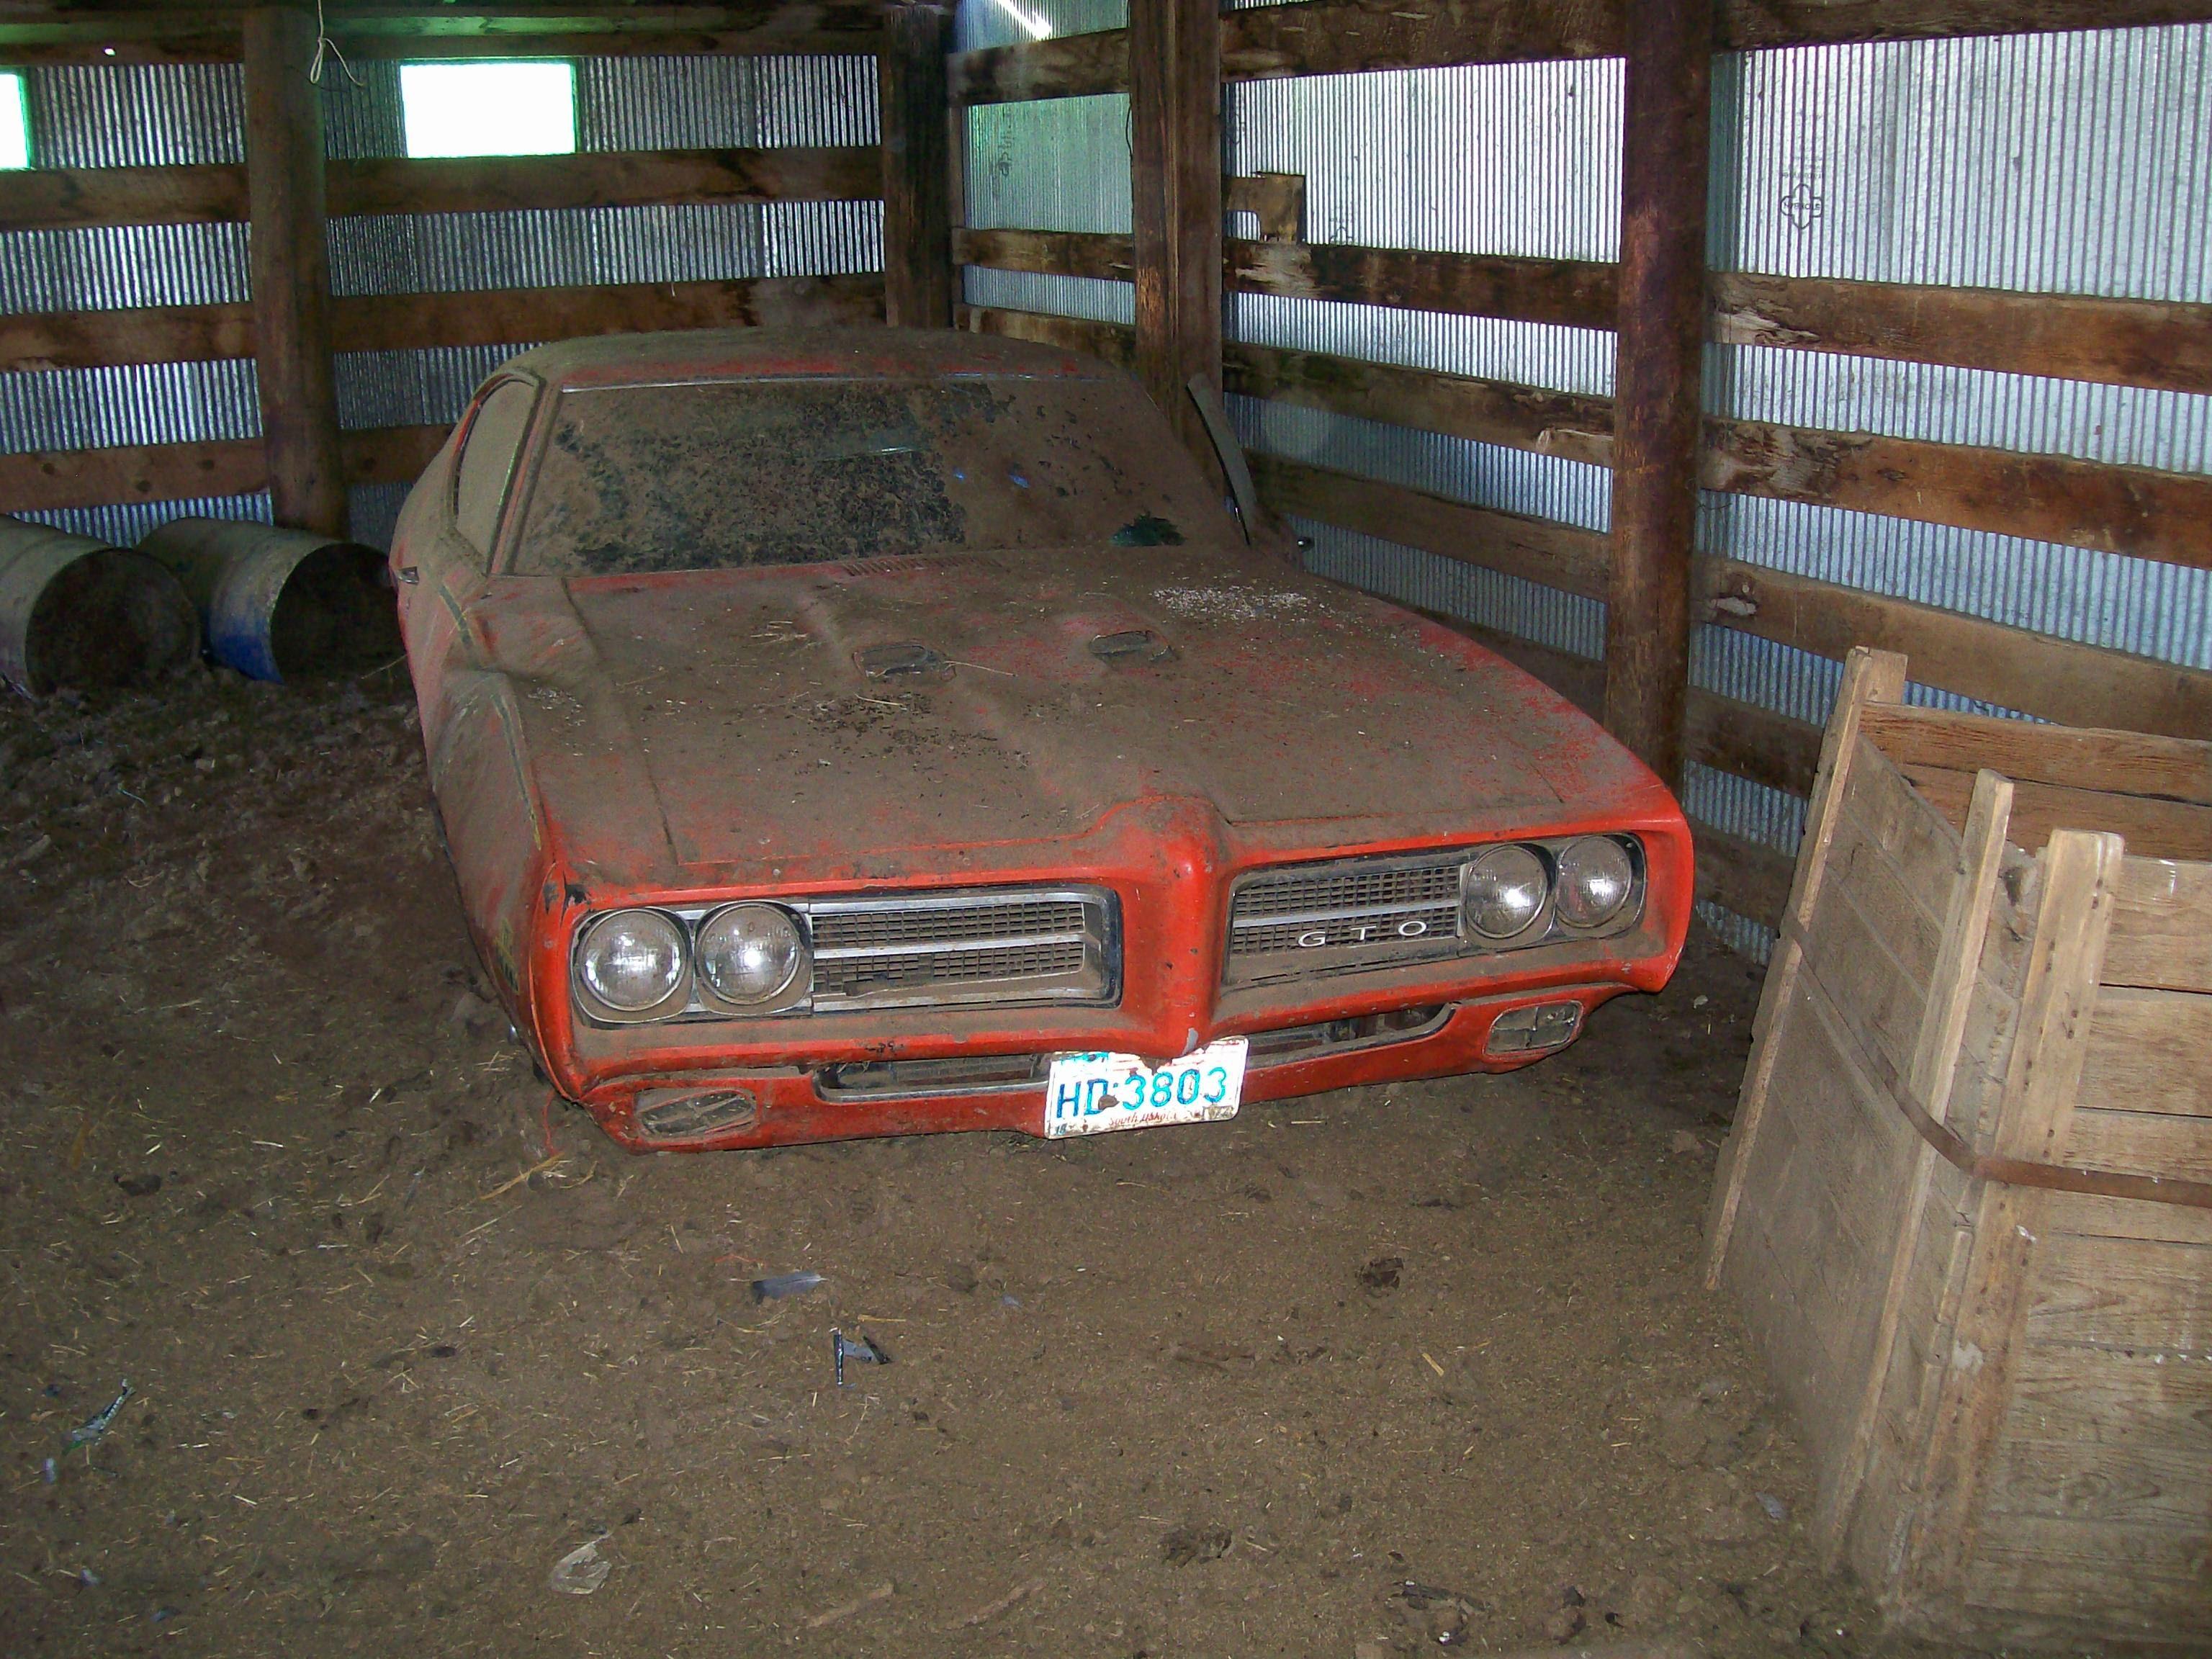 786a0f009e7060dc48f2aaddeb17fc6a - How To Get A Title For A Barn Find Car